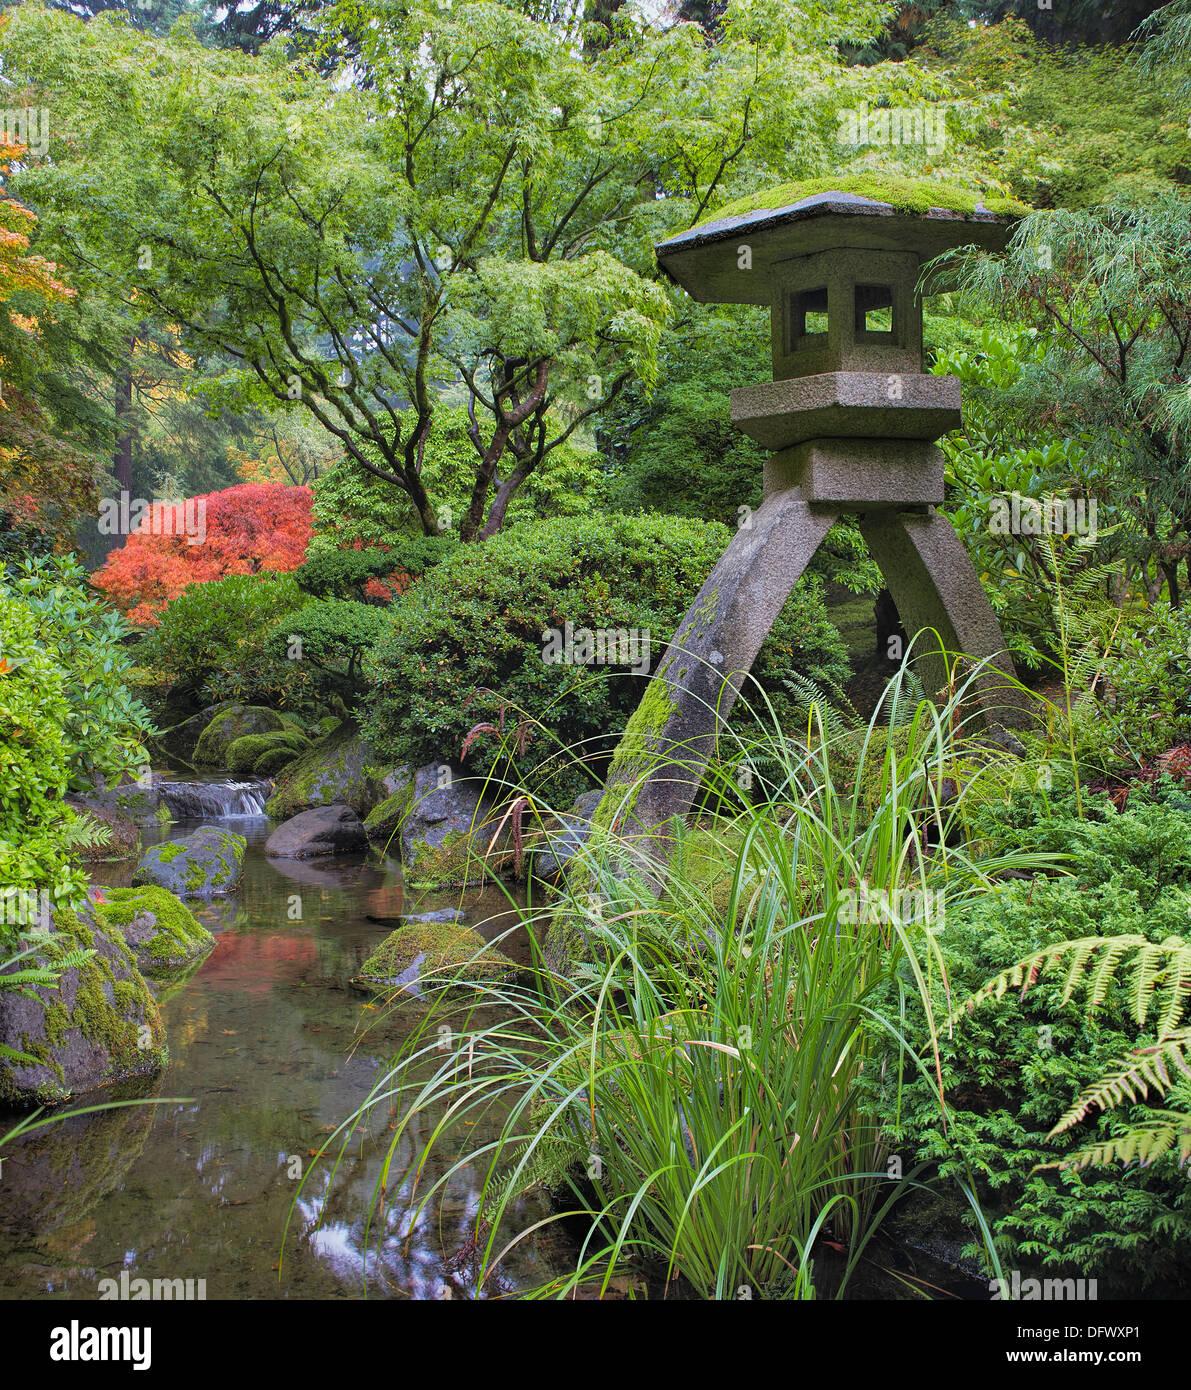 Japanische Steinlaterne im Garten mit Steinen Bäume Pflanzen und ...